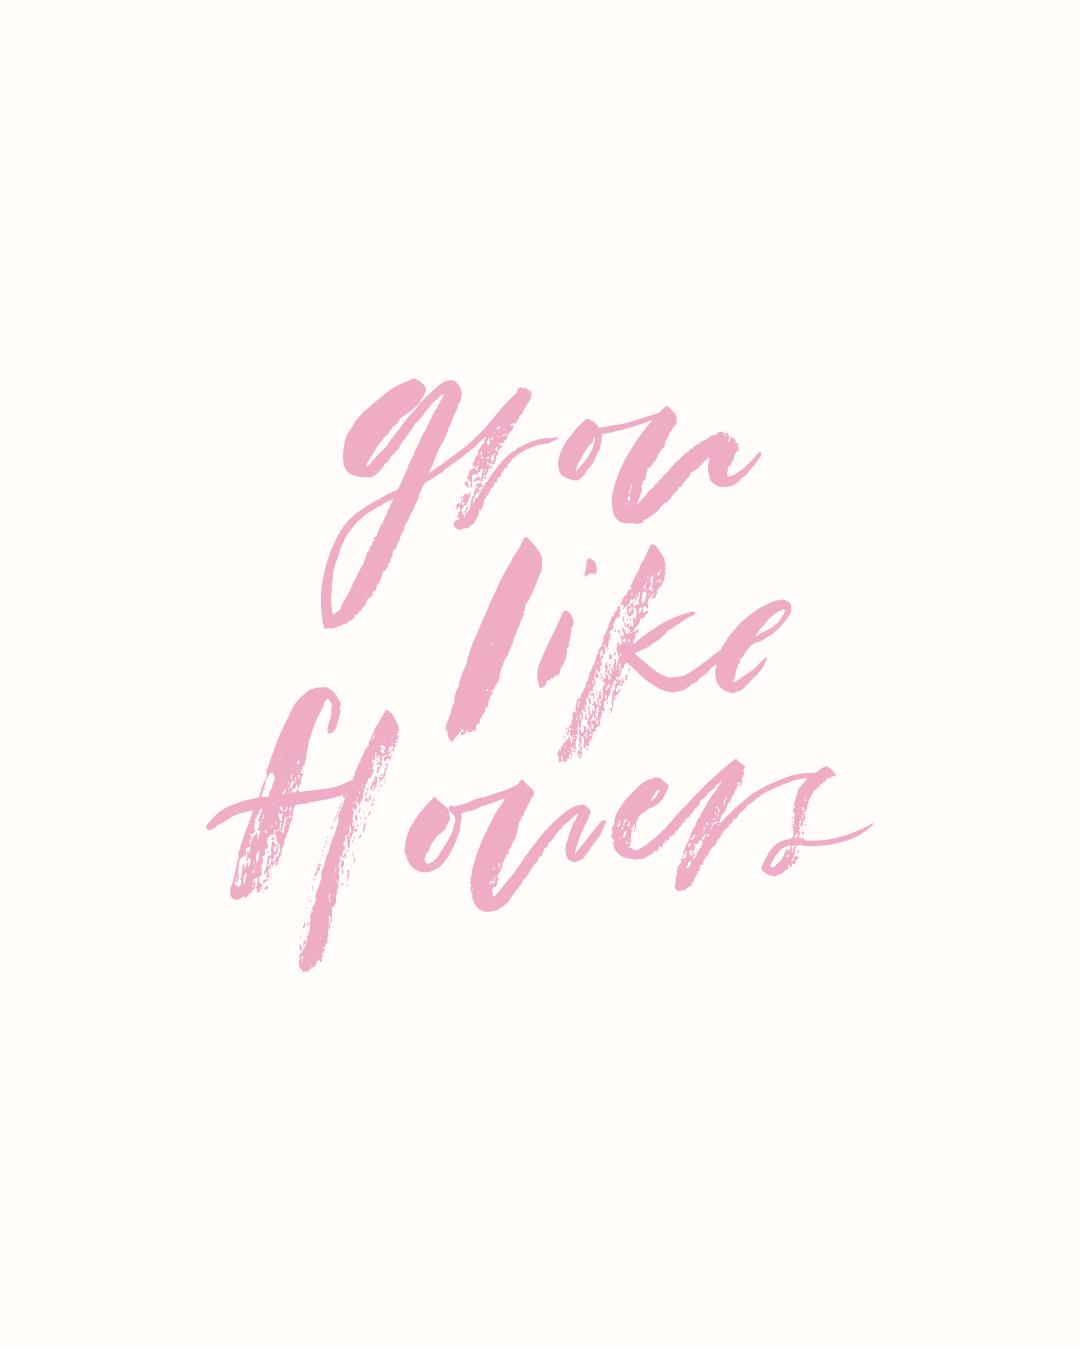 Grow-Like-Flowers.png